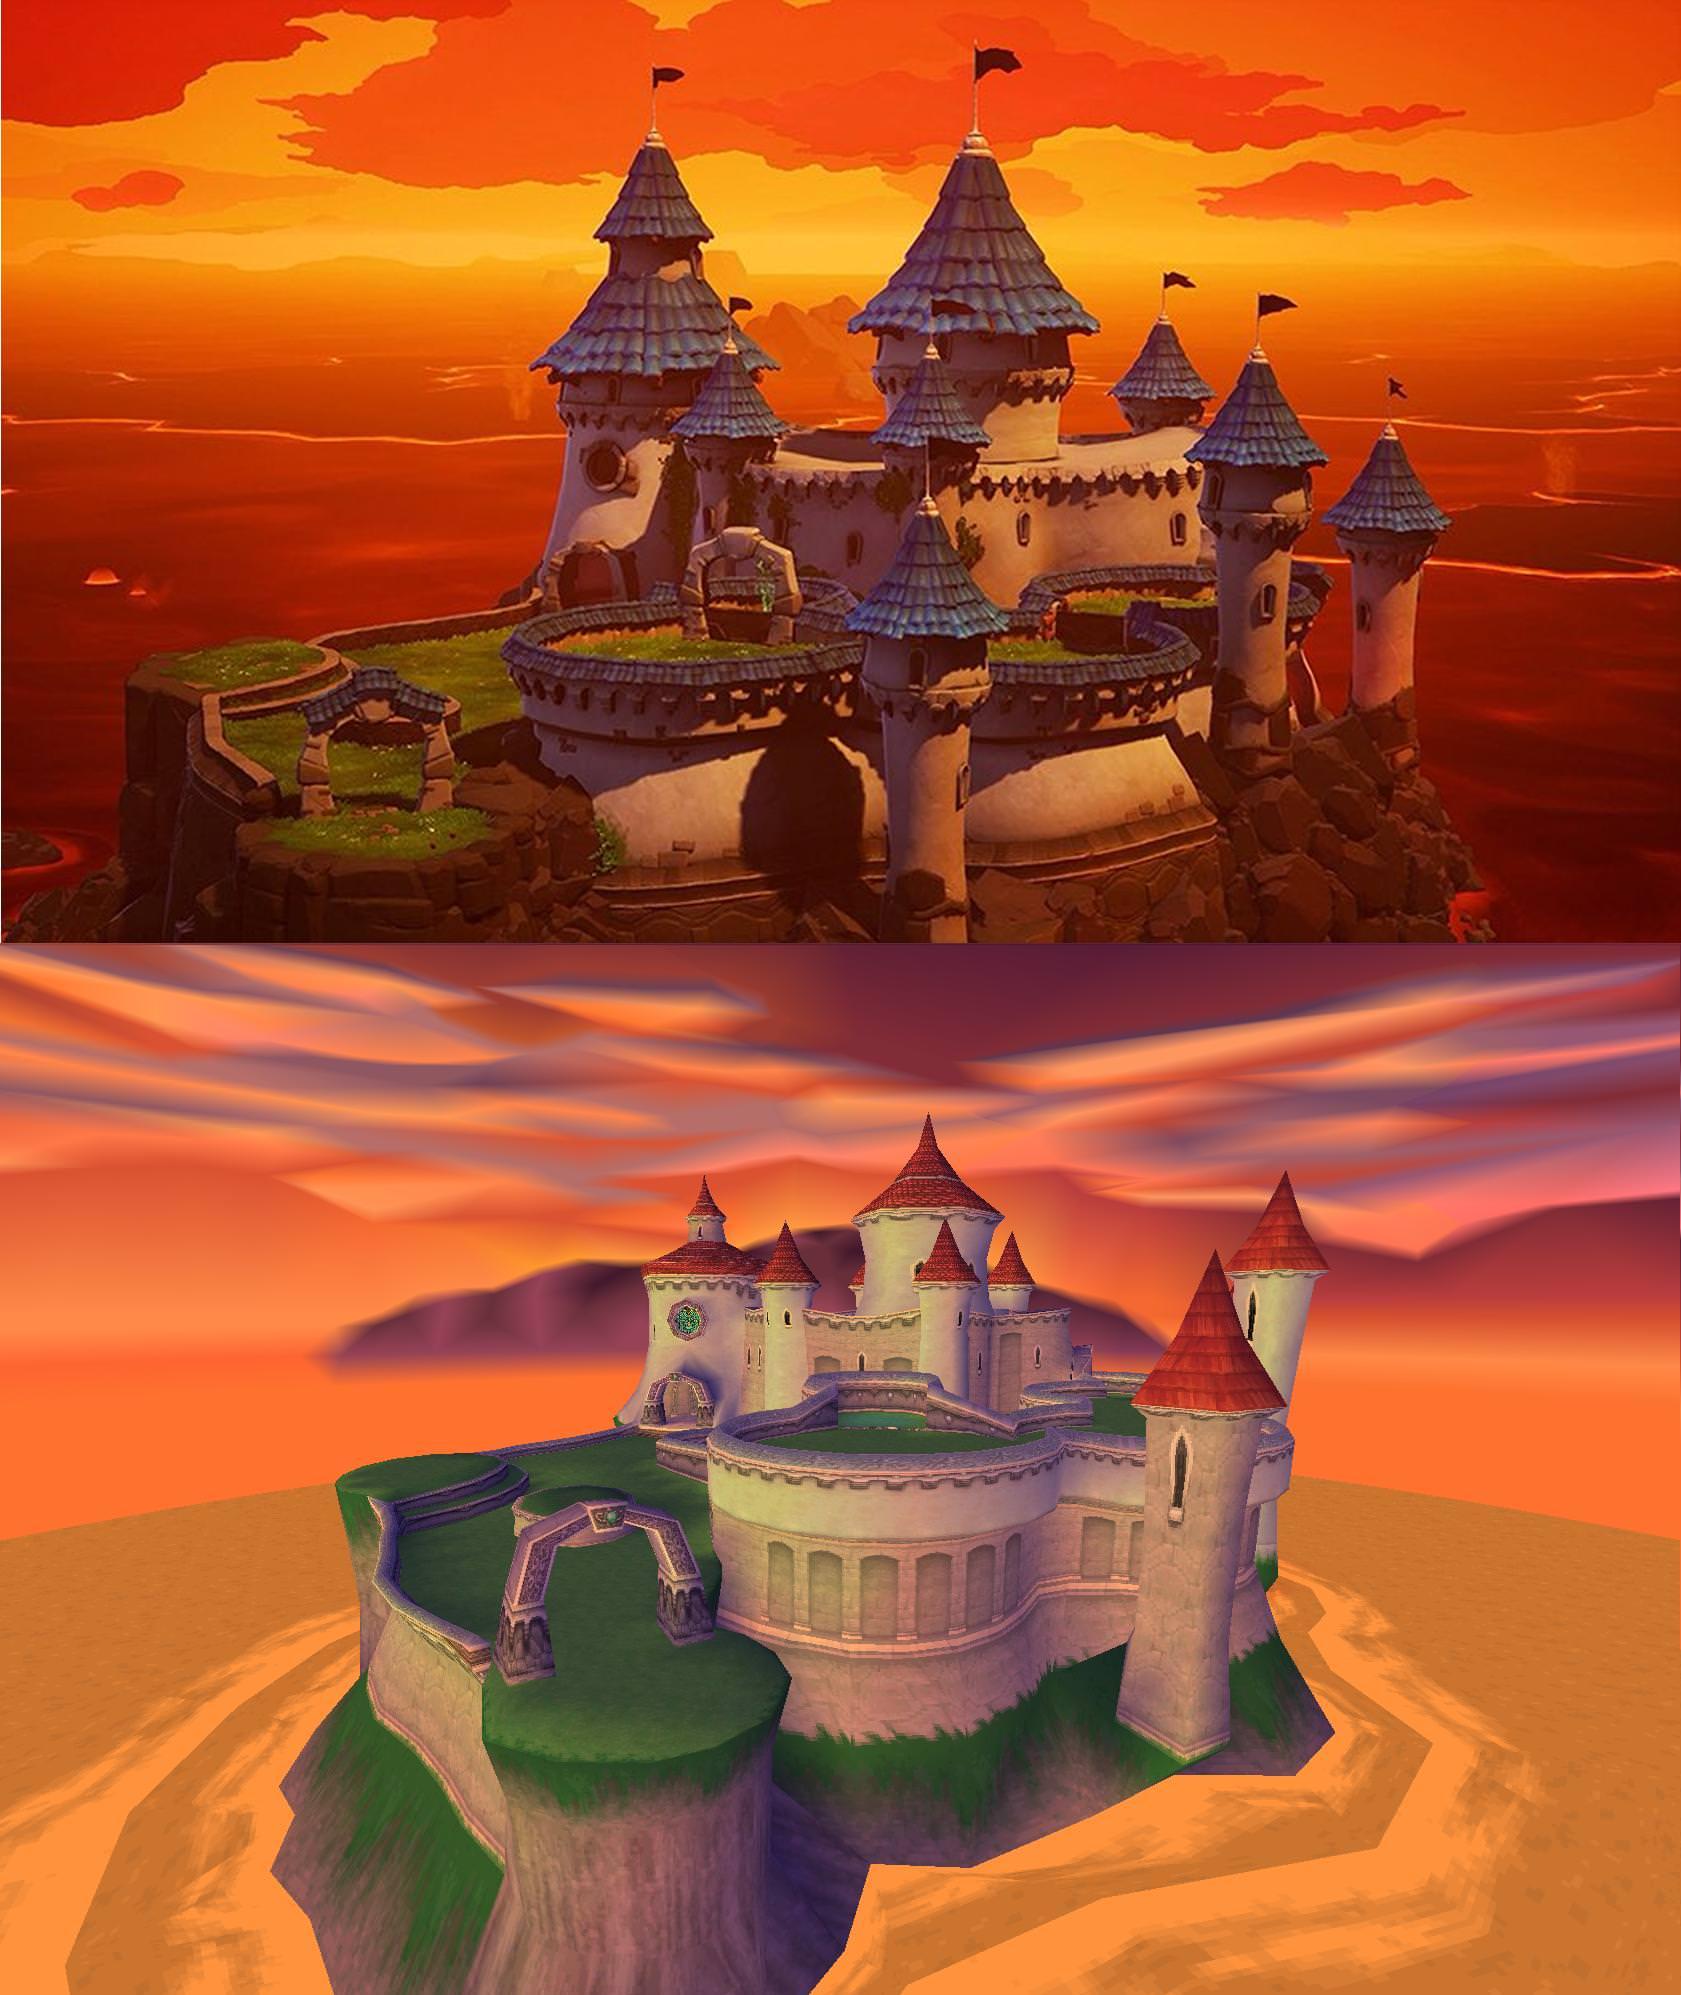 ErFcR9s - Klasyczna trylogia Spyro the Dragon z czasów PSX powraca!